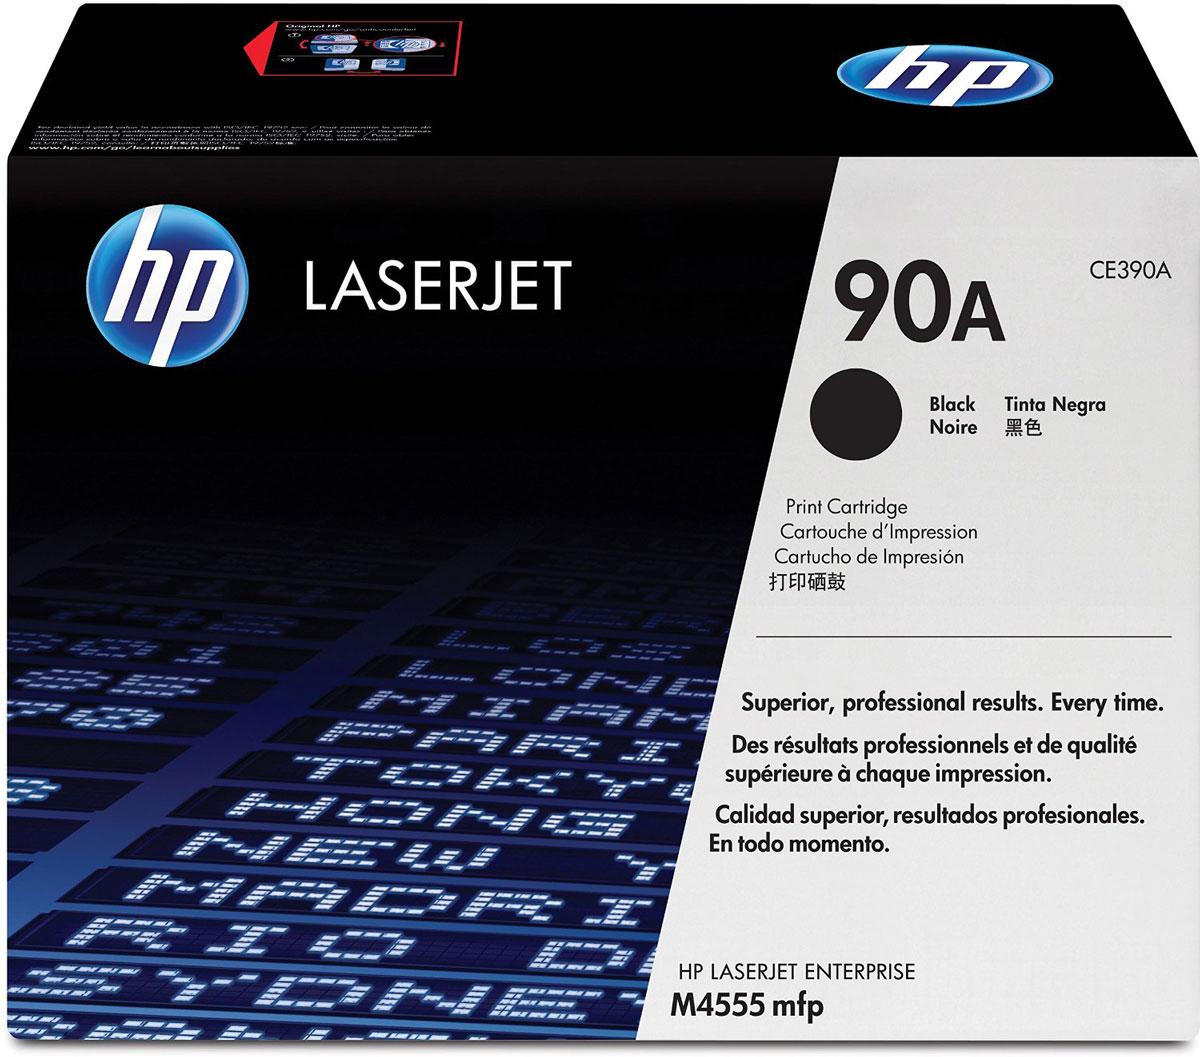 HP CE390A (90A), Black тонер-картридж для LaserJet Enterprise M4555MFP/M601/M602/M603CE390AИспользуйте картриджи HP CE390A (90A) для печати документов с высоким качеством и для повышения производительности. Печатайте с высокой скоростью без ущерба для качества. Получайте отпечатки с четким текстом и яркой графикой и экономьте электроэнергию.Используйте оригинальные картриджи HP LaserJet для повышения производительности. Улучшенный тонер HP быстро закрепляется на бумаге, что обеспечивает быструю печать с выдающимся качеством. Установка выполняется быстро и не вызывает трудностей.Создайте профессиональное впечатление благодаря четкому тексту и яркой графике. Получайте отпечатки стабильно высокого качества с помощью картриджа, разработанного и протестированного вместе с принтером для обеспечения оптимального качества и производительности.